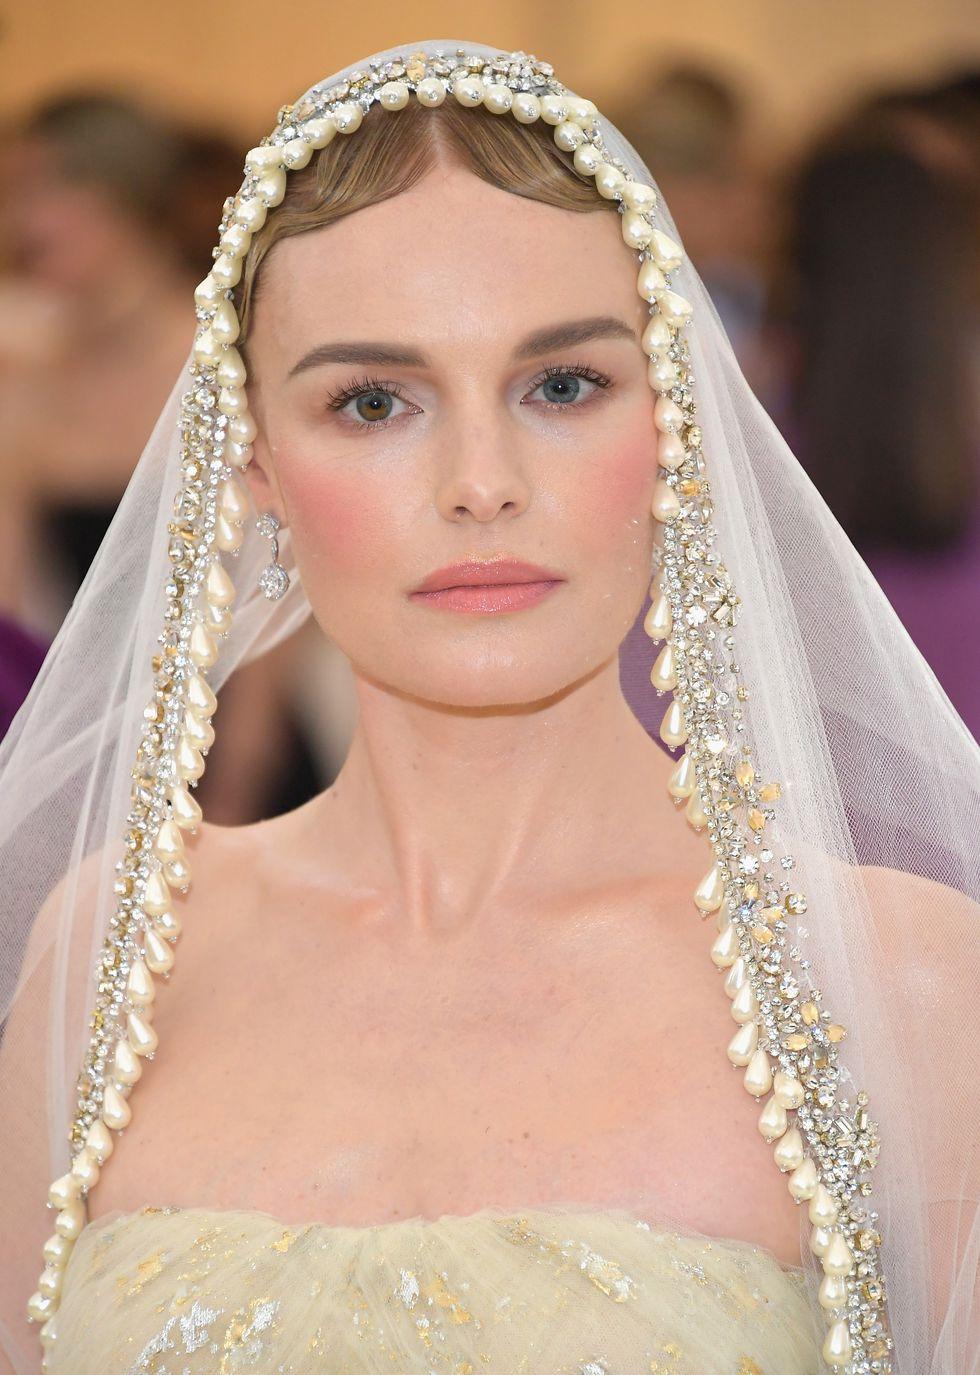 Những nữ thần hạ thế đẹp nhất thánh đường thời trang - 2